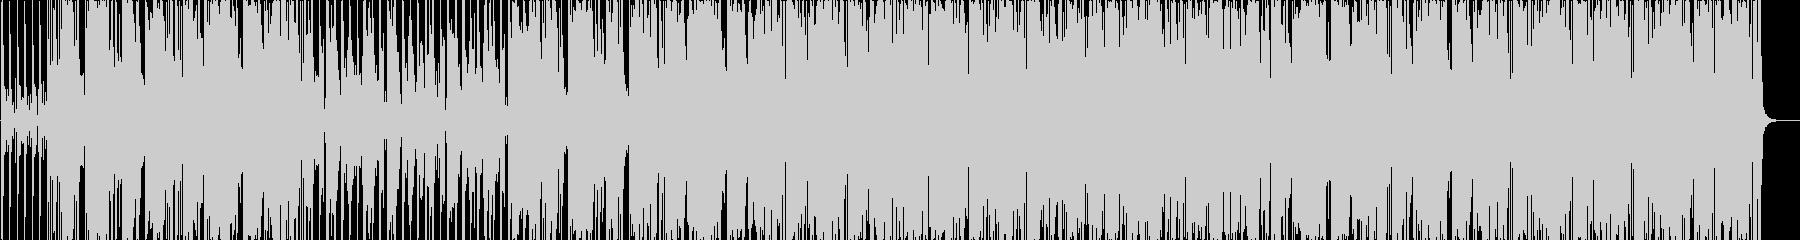 パワフル、ポップ、ファンクの未再生の波形